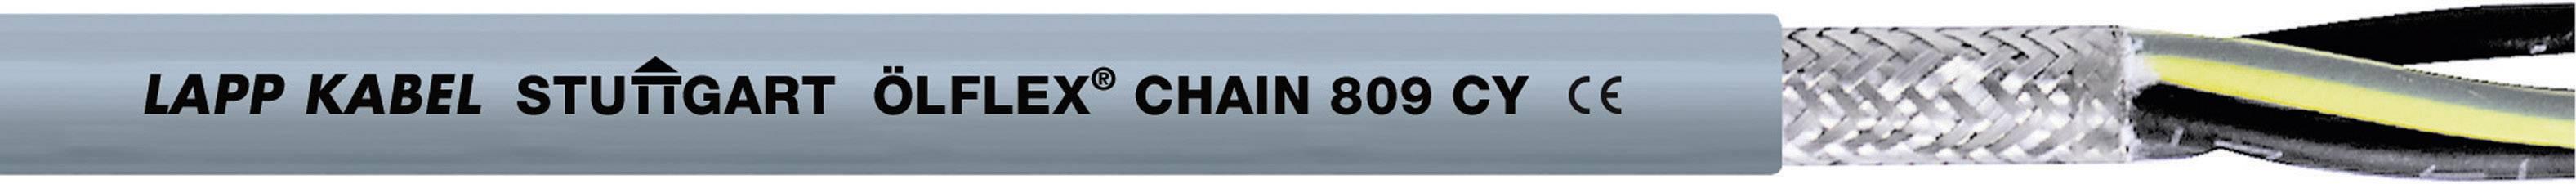 Žíla kabelu LappKabel ÖLFLEX CHAIN 809 CY 12G1,5 (1026780), 12x 1,5 mm², PVC, Ø 13,3 mm, stíněný, 50 m, šedá